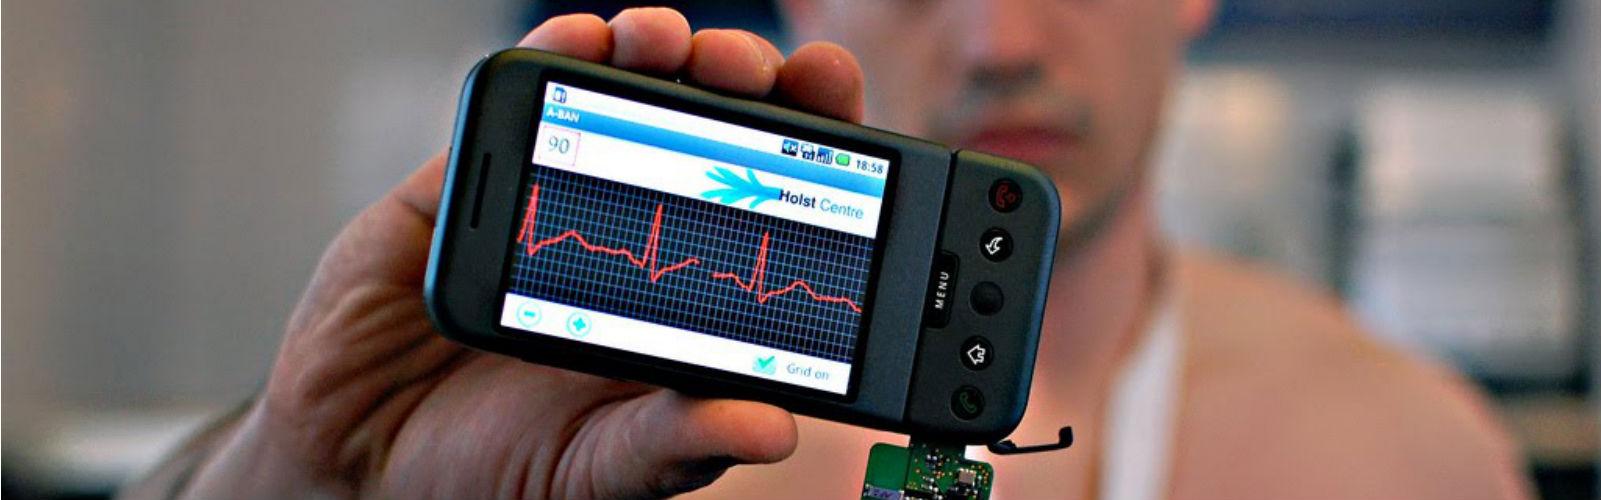 Il mercato della Mobile Health: dati, modelli di business e possibili applicazioni